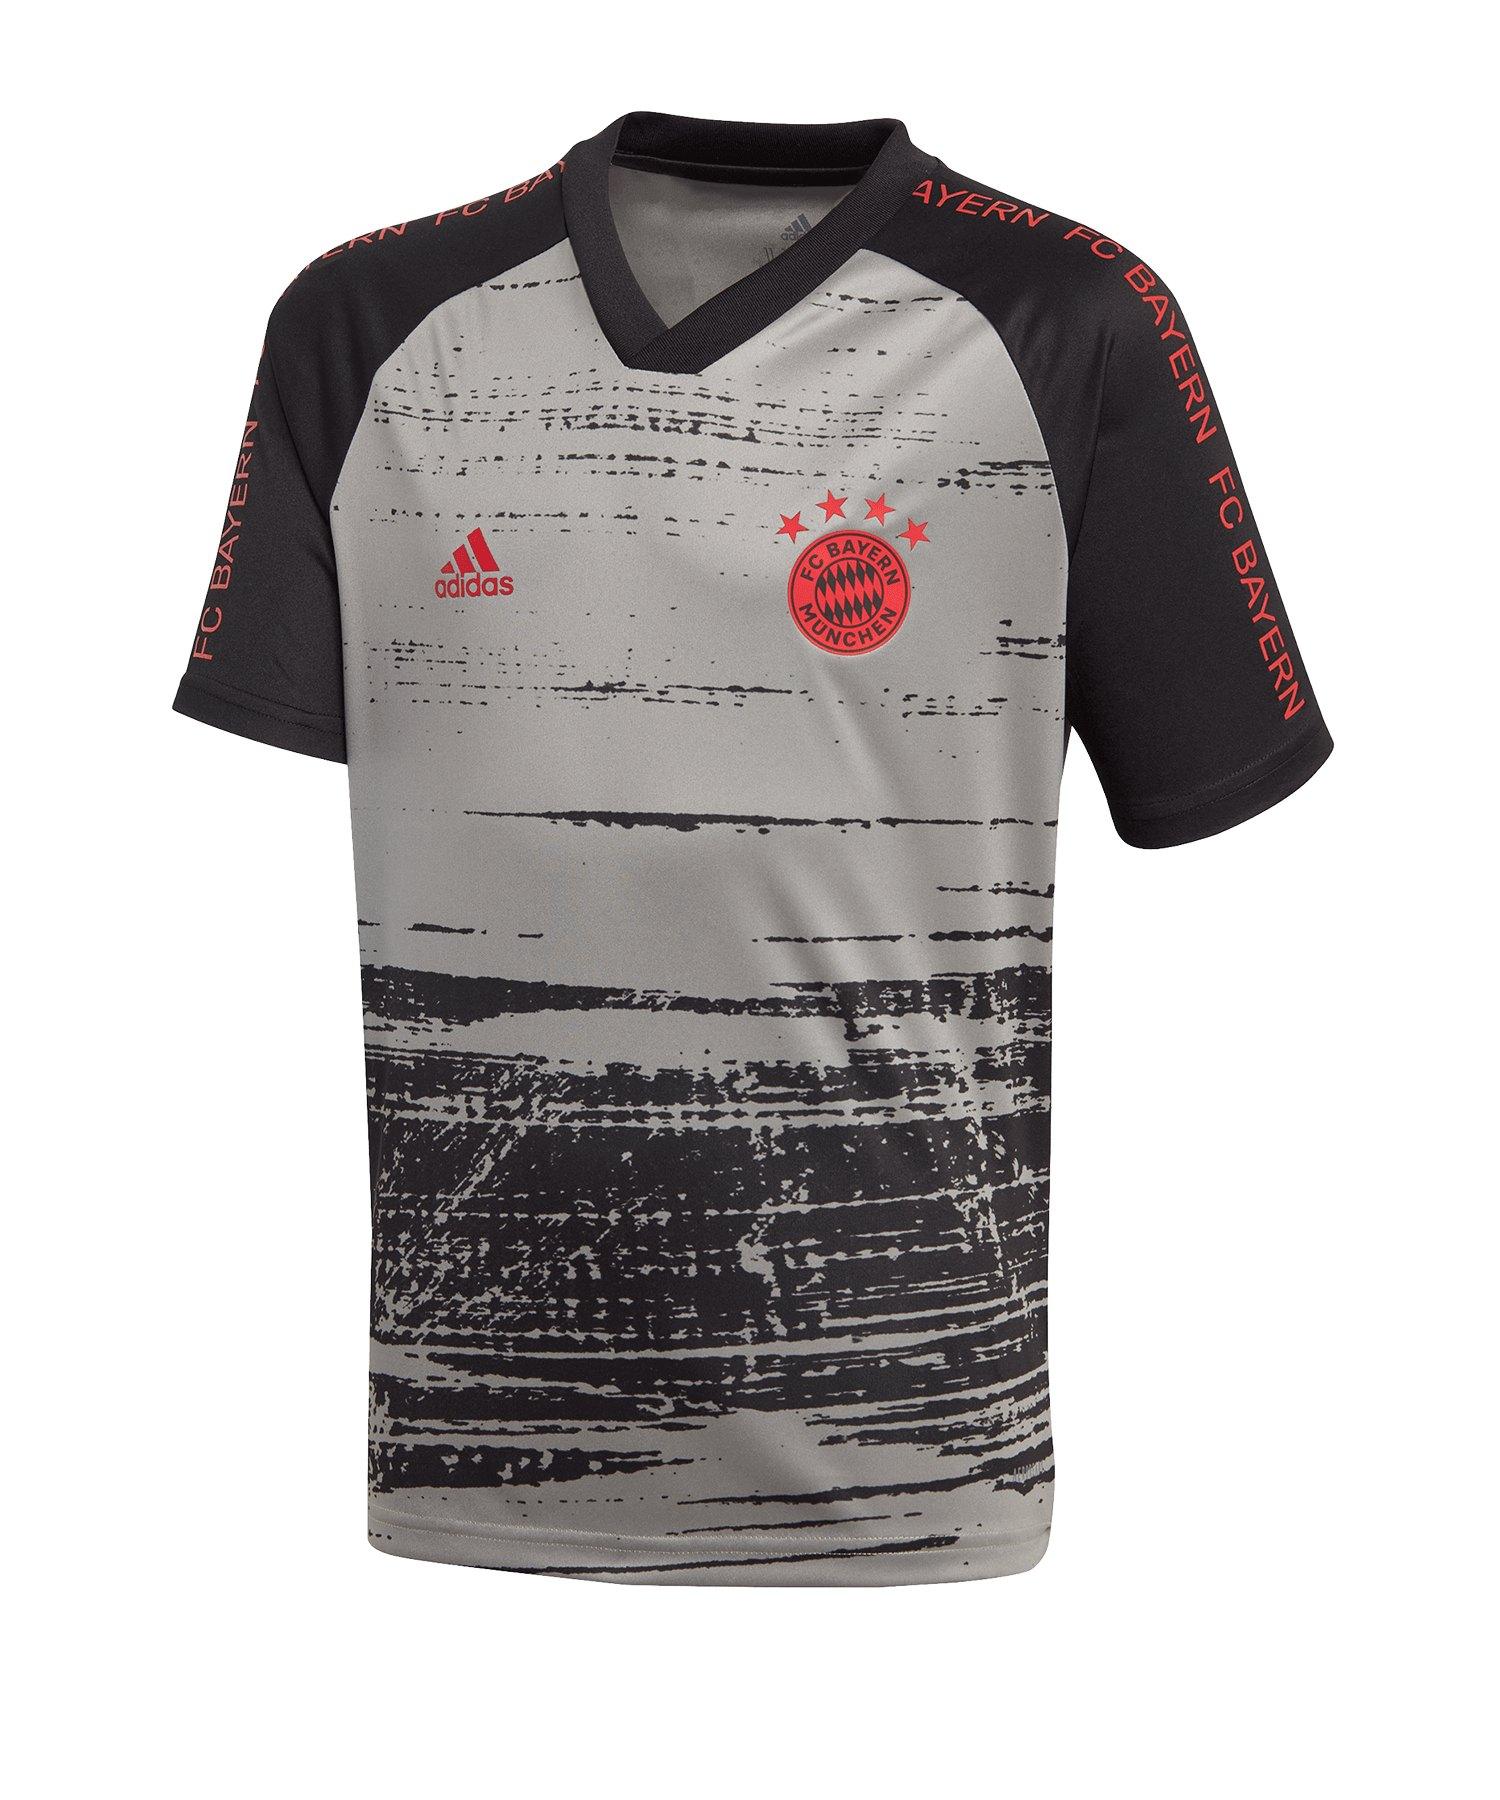 adidas FC Bayern München Prematch Shirt Kids Grau - grau